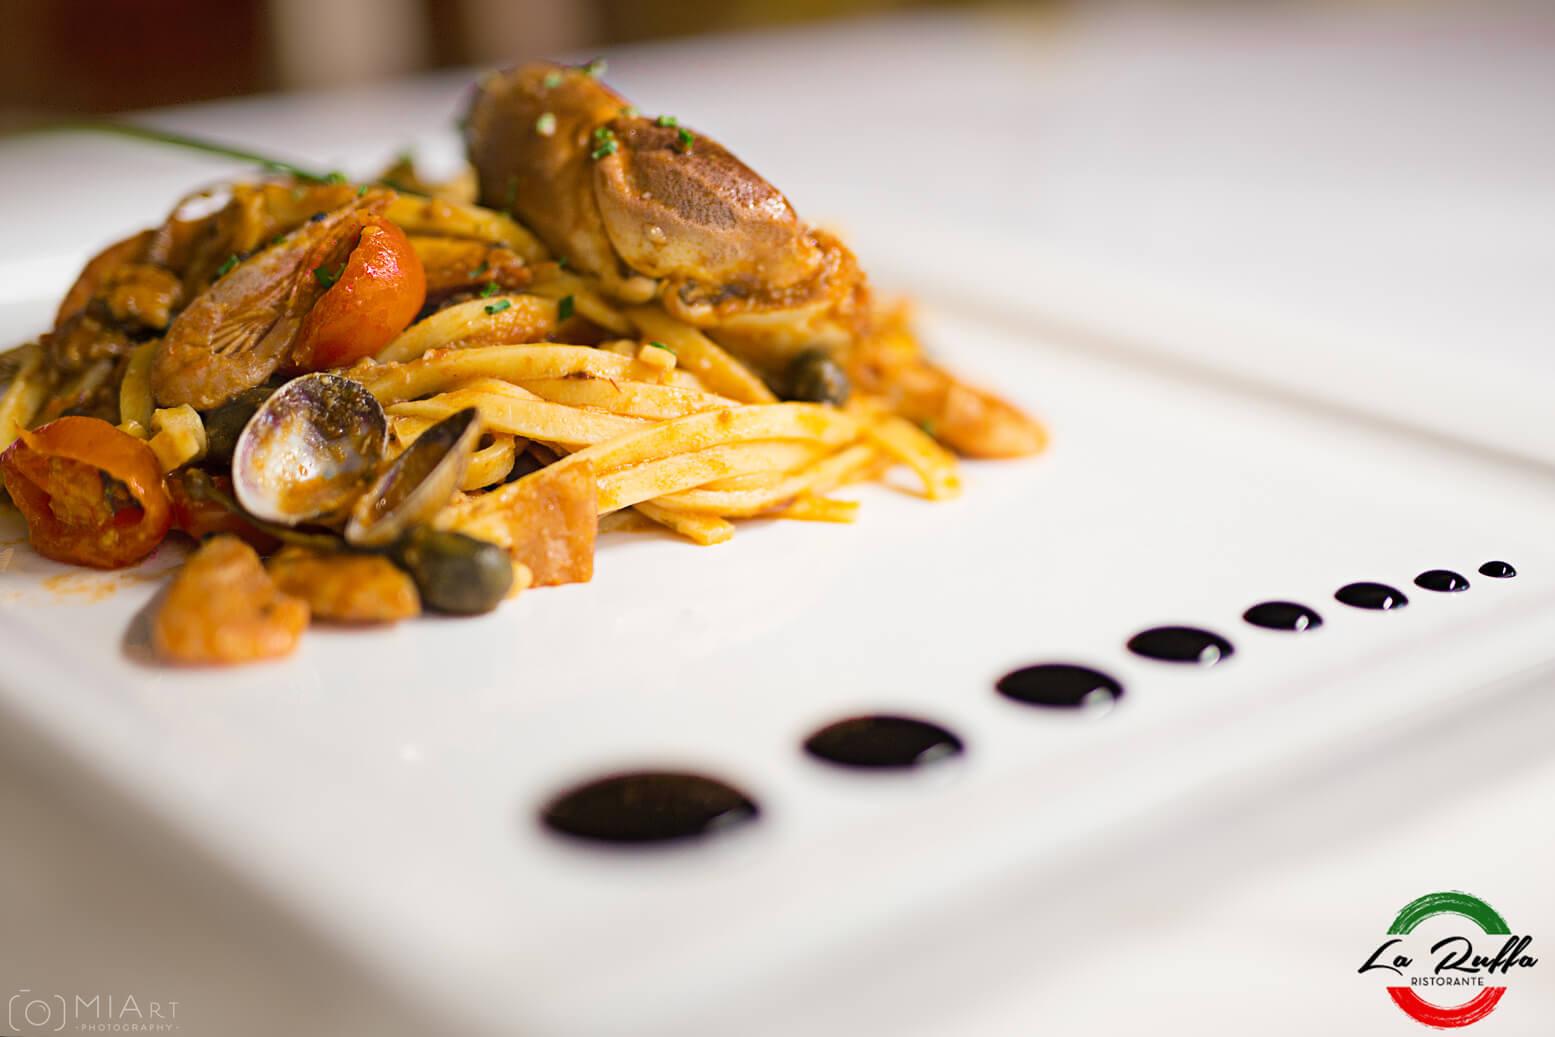 La Ruffa Restaurant